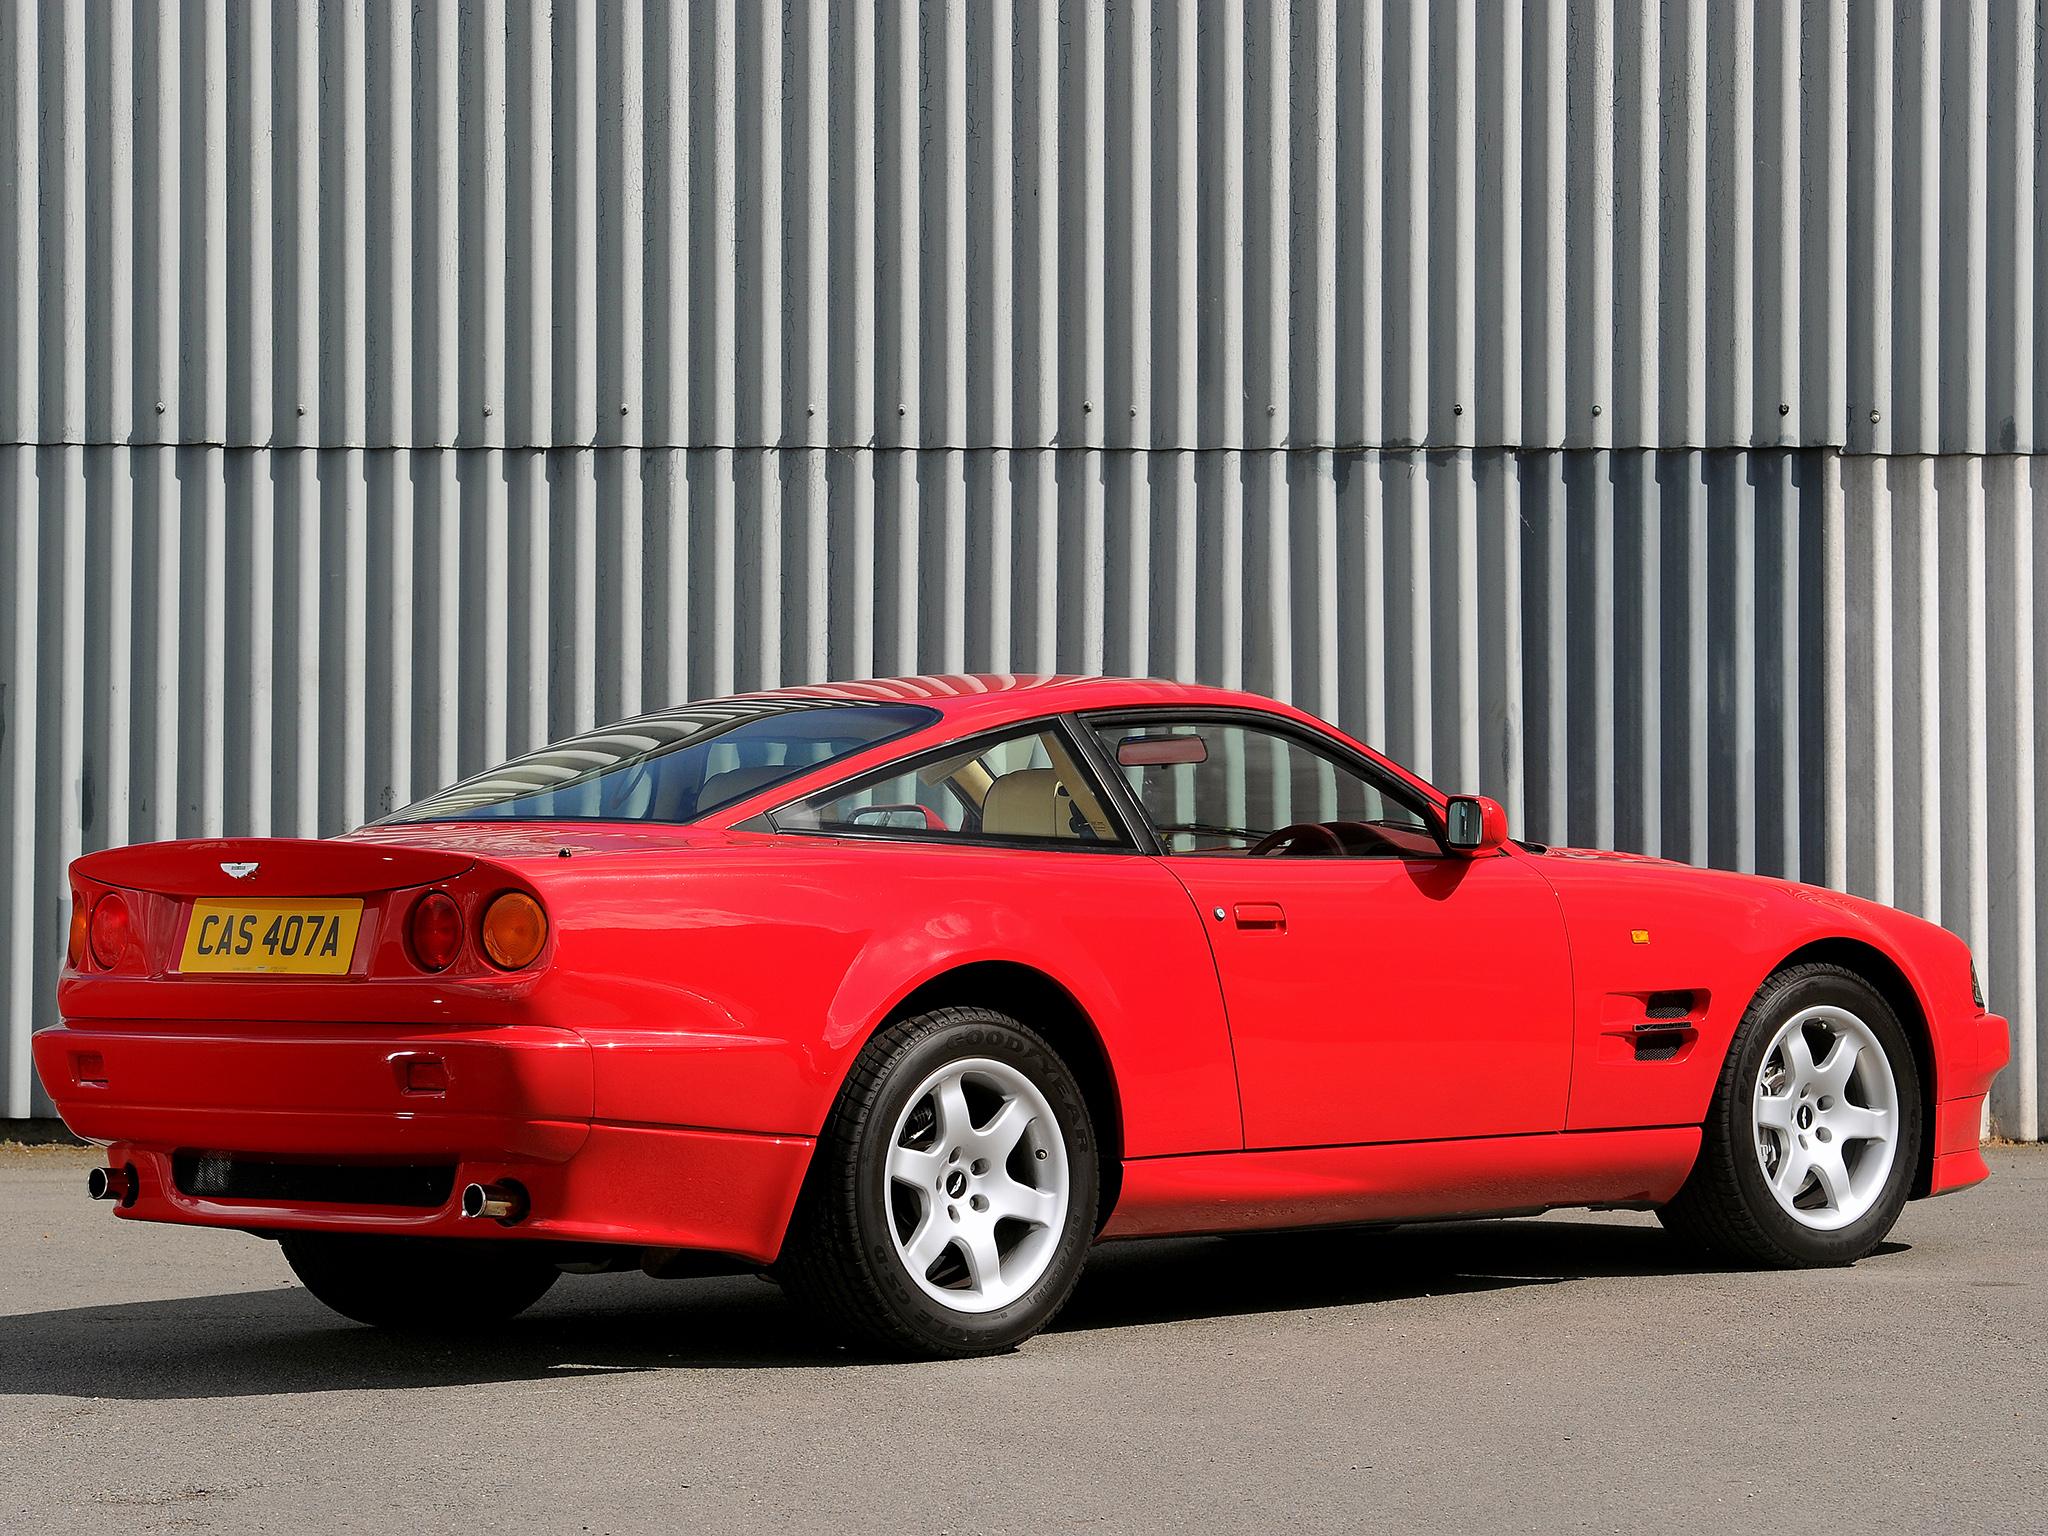 Aston Martin V8 Vantage med sin kraftigt förändrade kaross.